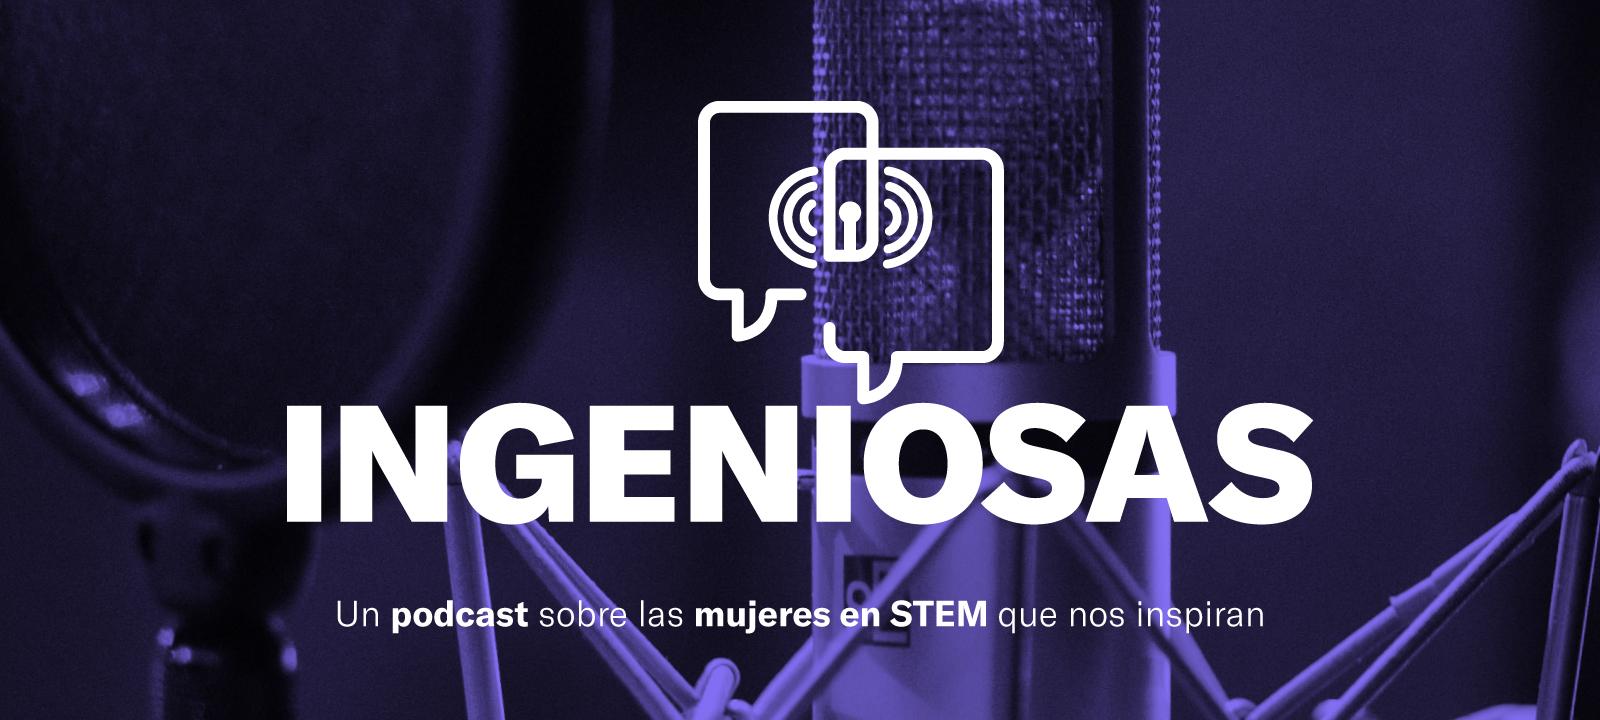 Ingeniosas, un podcast de la Facultad de Ingeniería de Los Andes